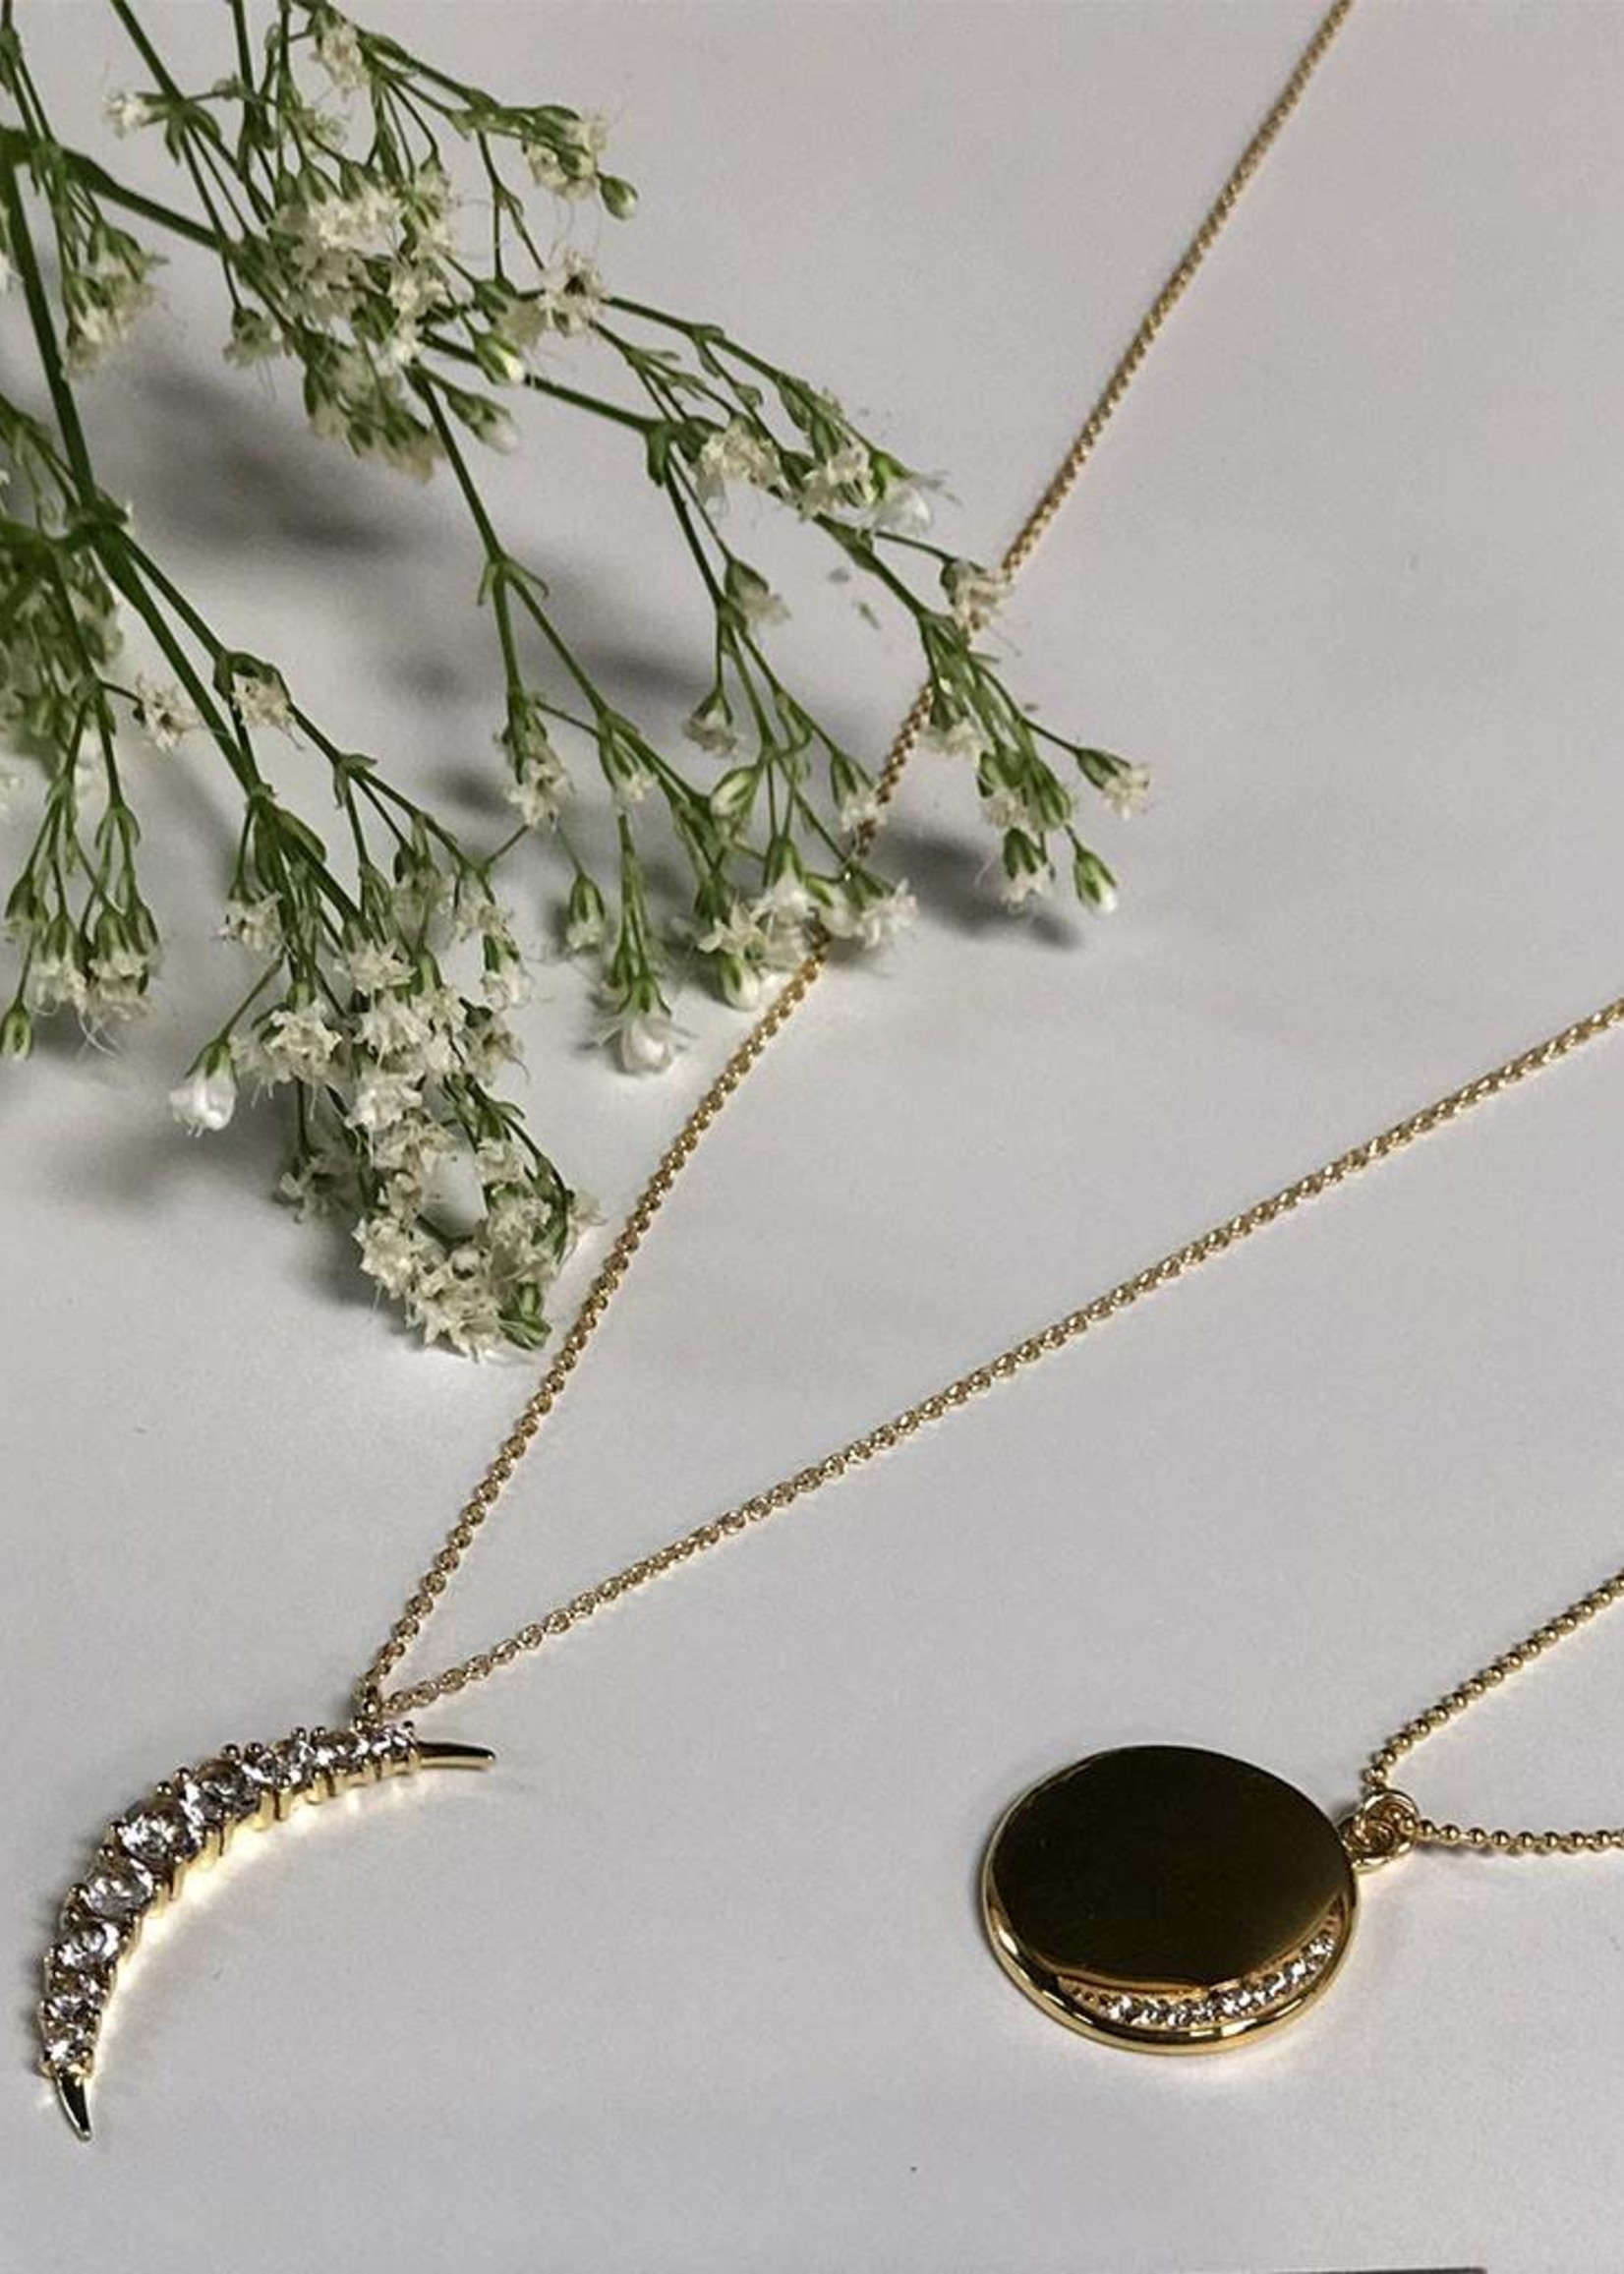 LEAH ALEXANDRA Lunar Necklace Gold,  White Topaz